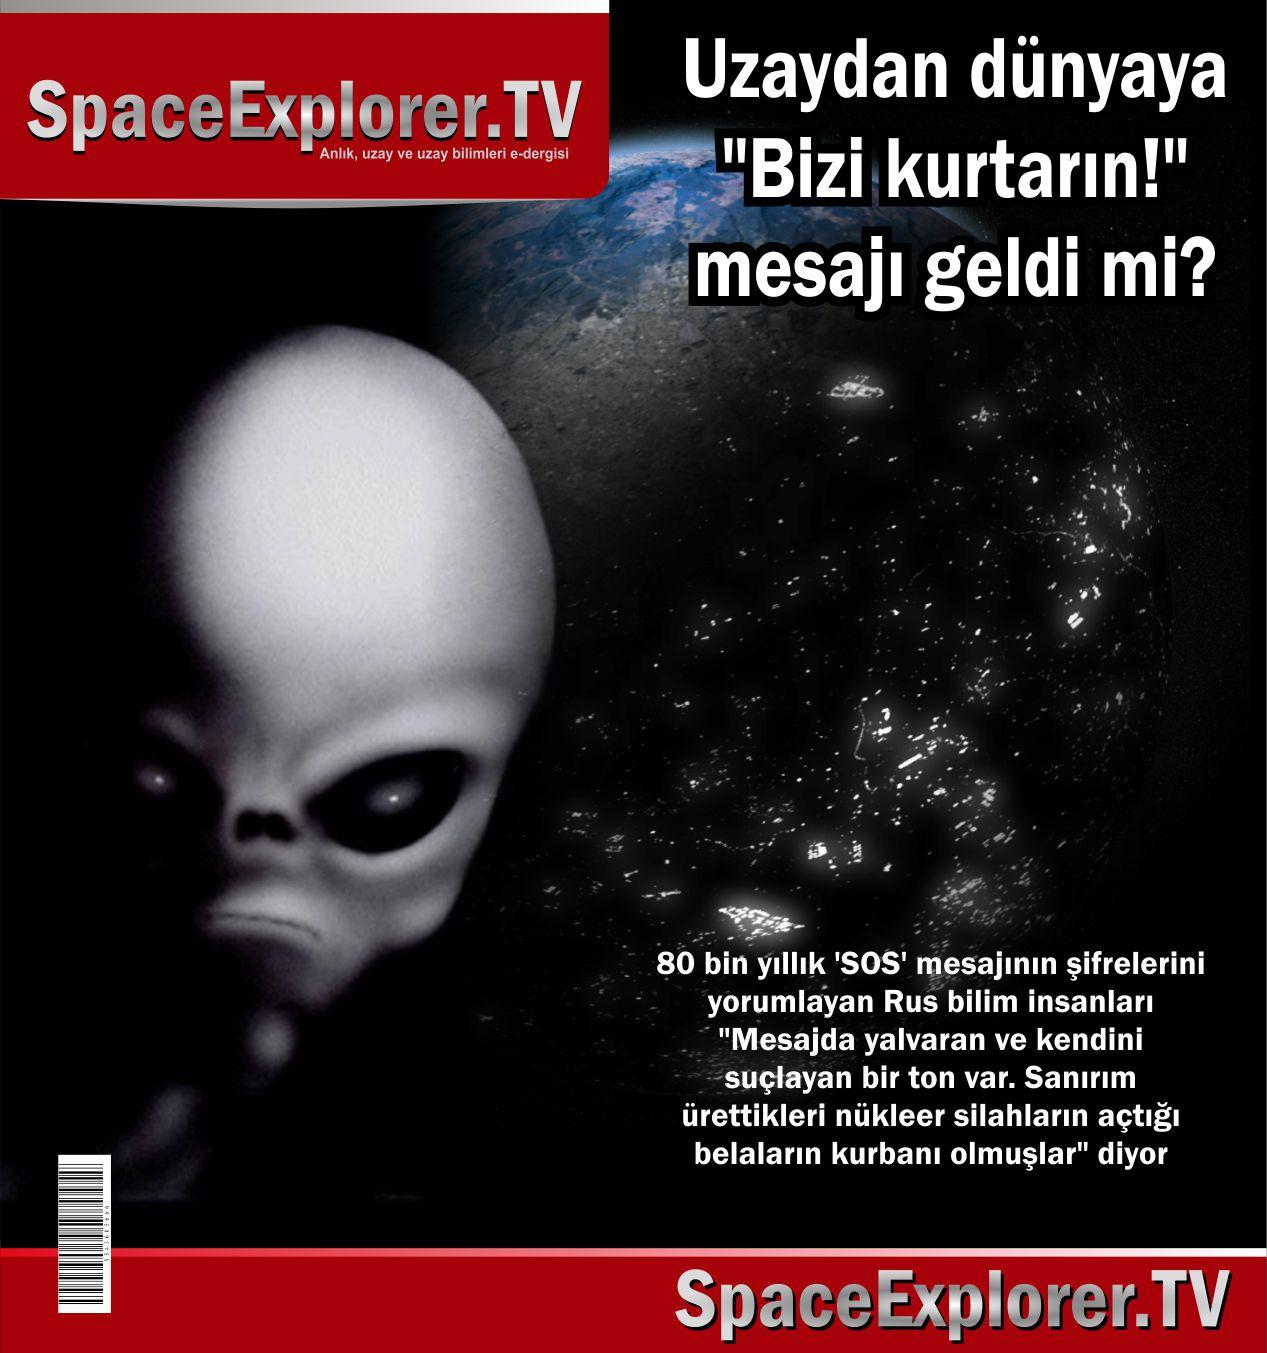 Andromeda gök adası, Gök adalar, Galaksiler, Gizemli mesajlar, Gizemli sinyaller, Uzaydan toplanan sinyaller, Uzayda hayat var mı?, Nükleer silahlar, Rusya,